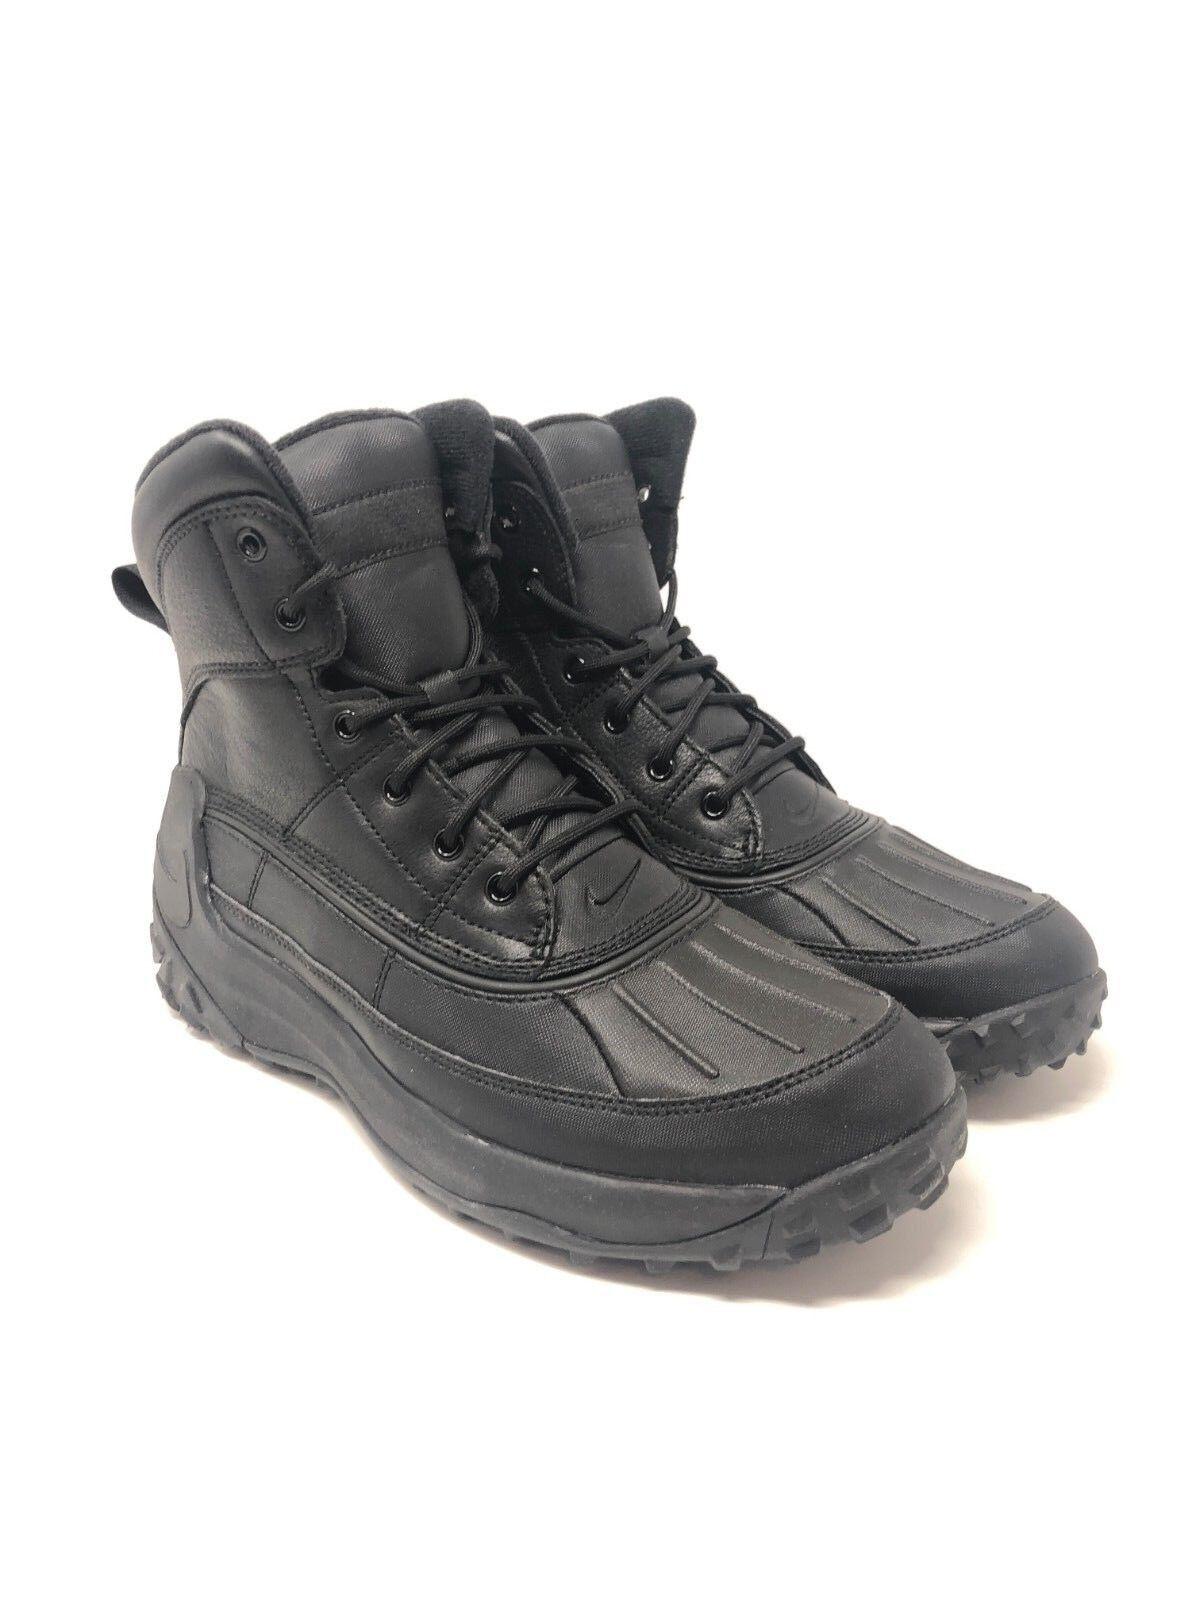 Nike Kynwood Triple Black Leather Duck Boots 862504-001 Men's [Multi Size]